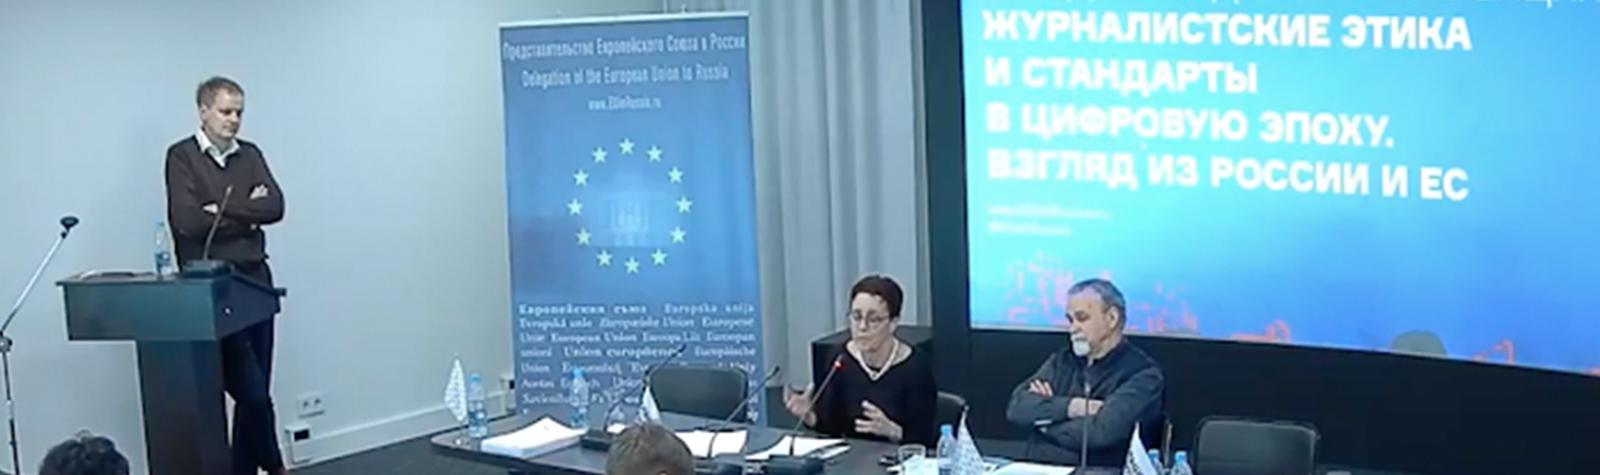 В Ельцин Центре прошла антироссийская конференция представительства ЕС в России